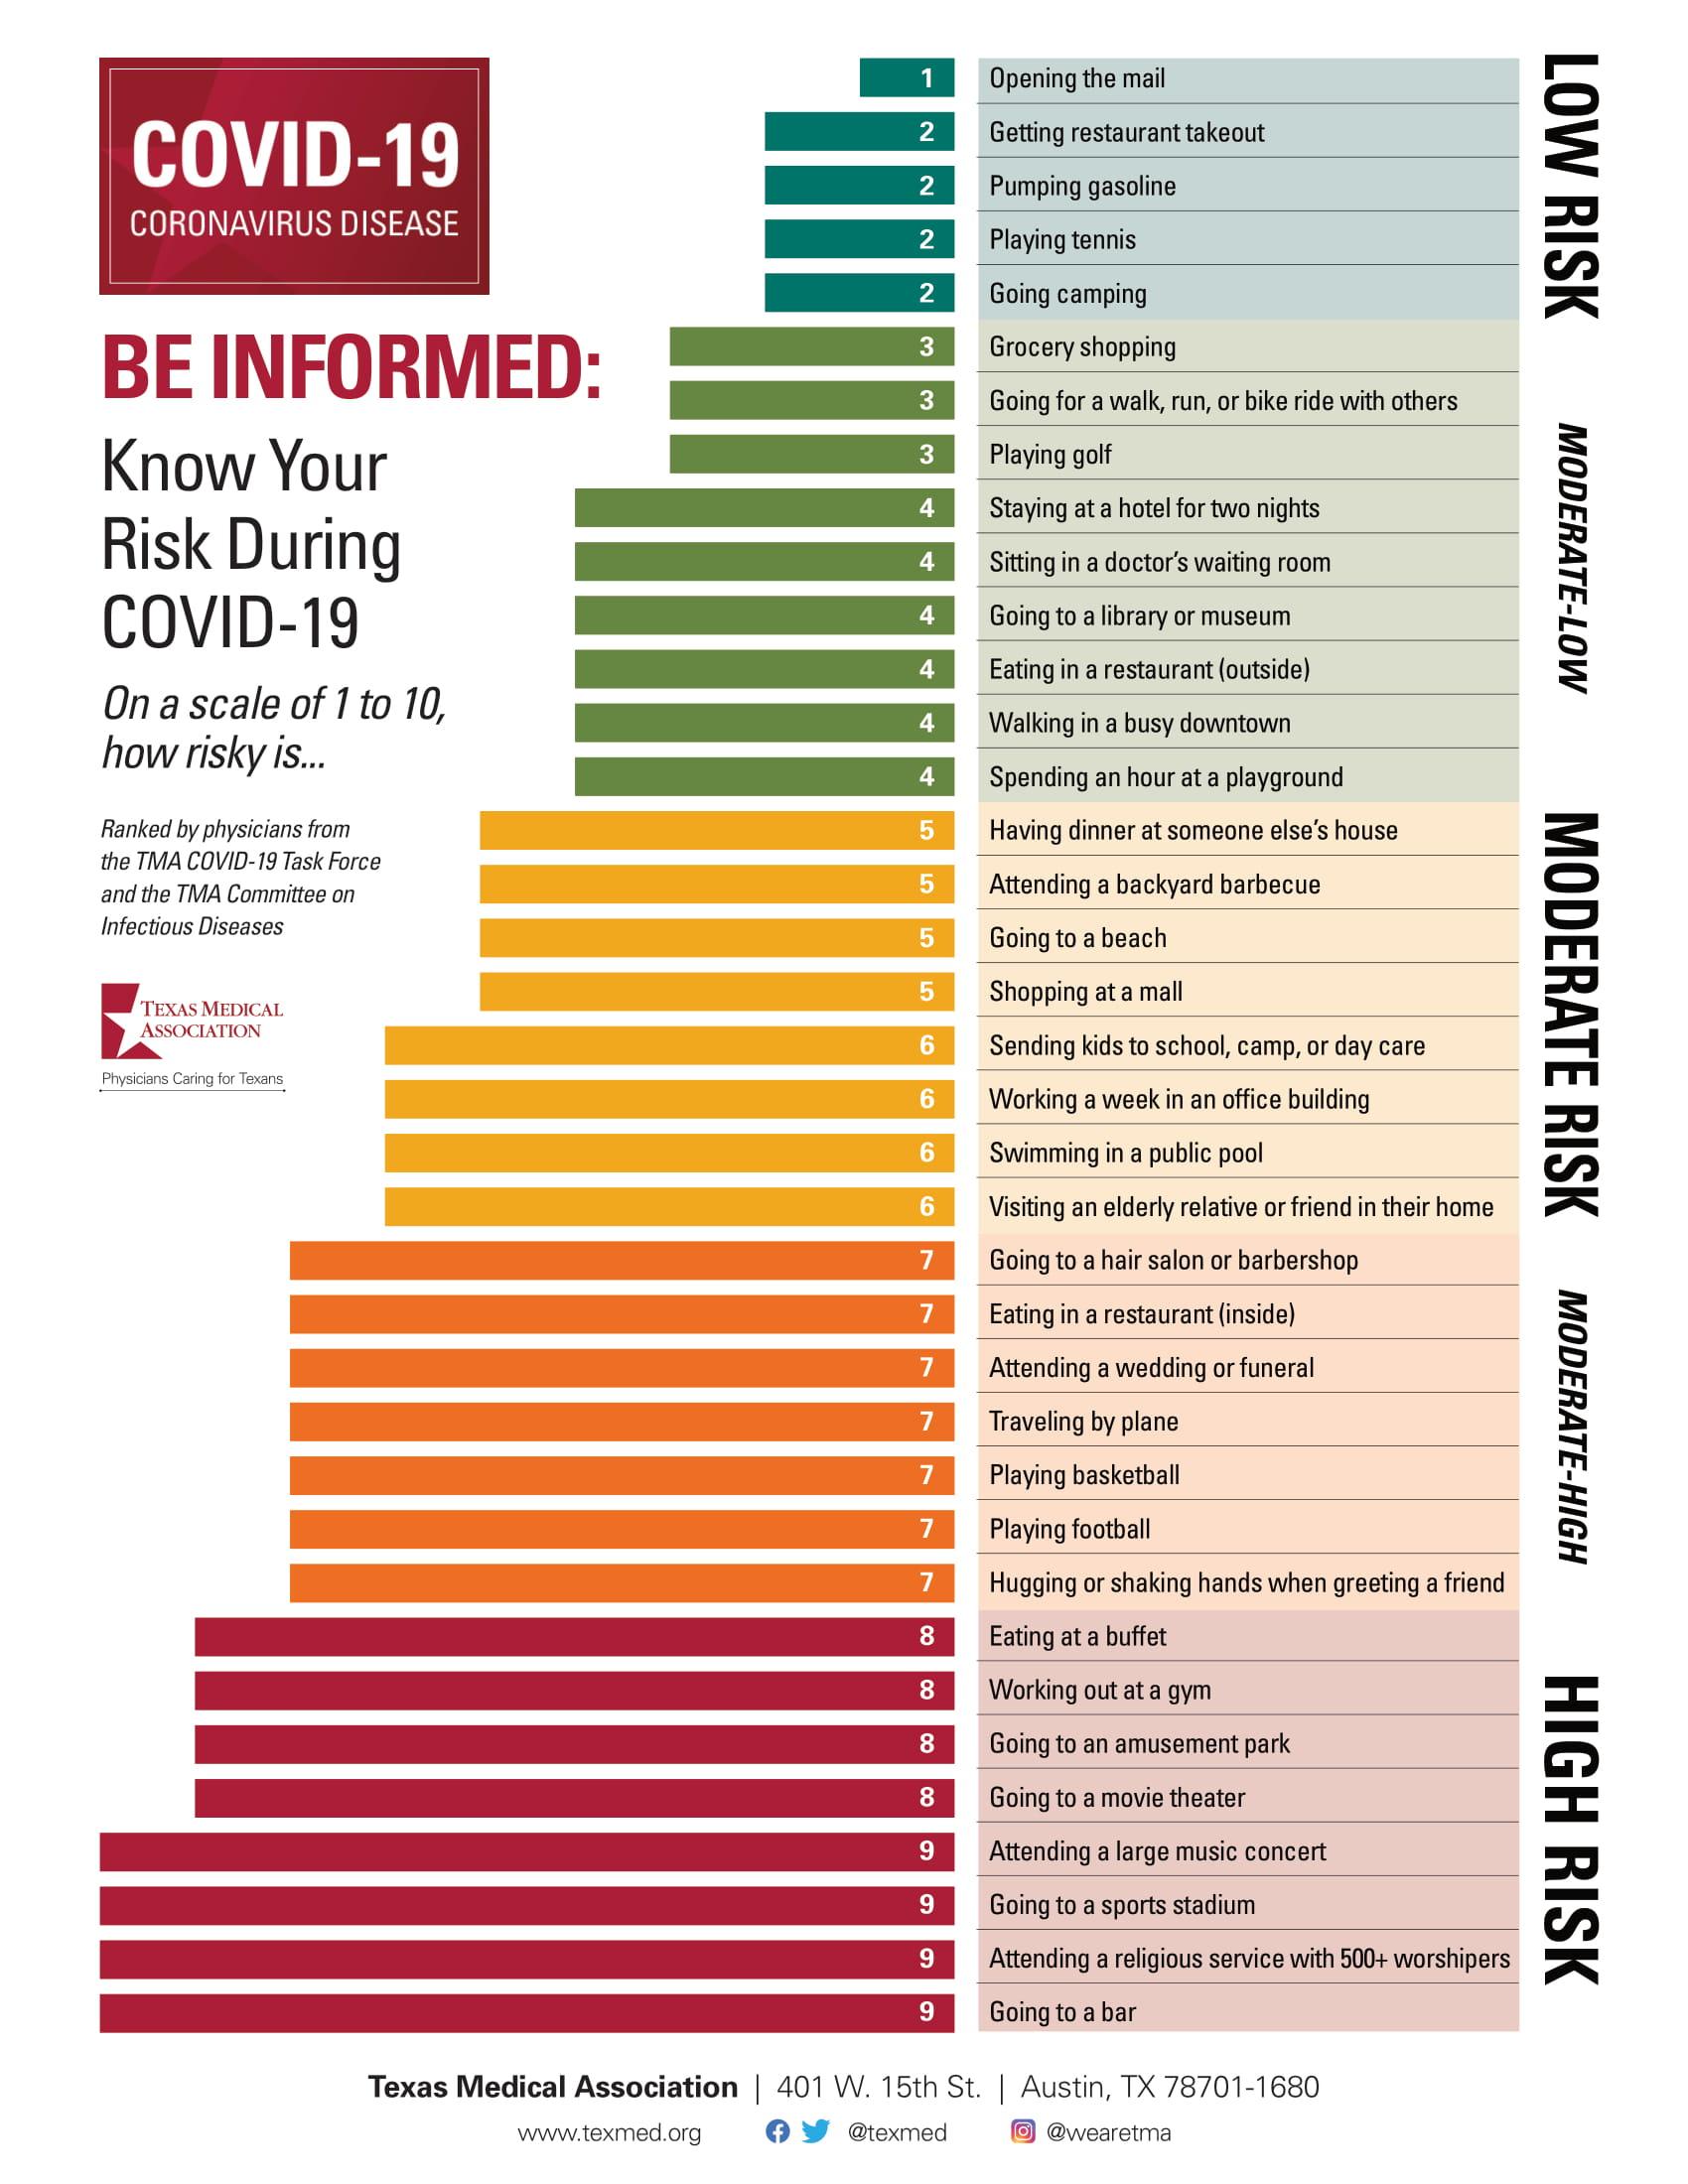 Hangi davranışlarımız koronavirüs riskini ne kadar arttırıyor?